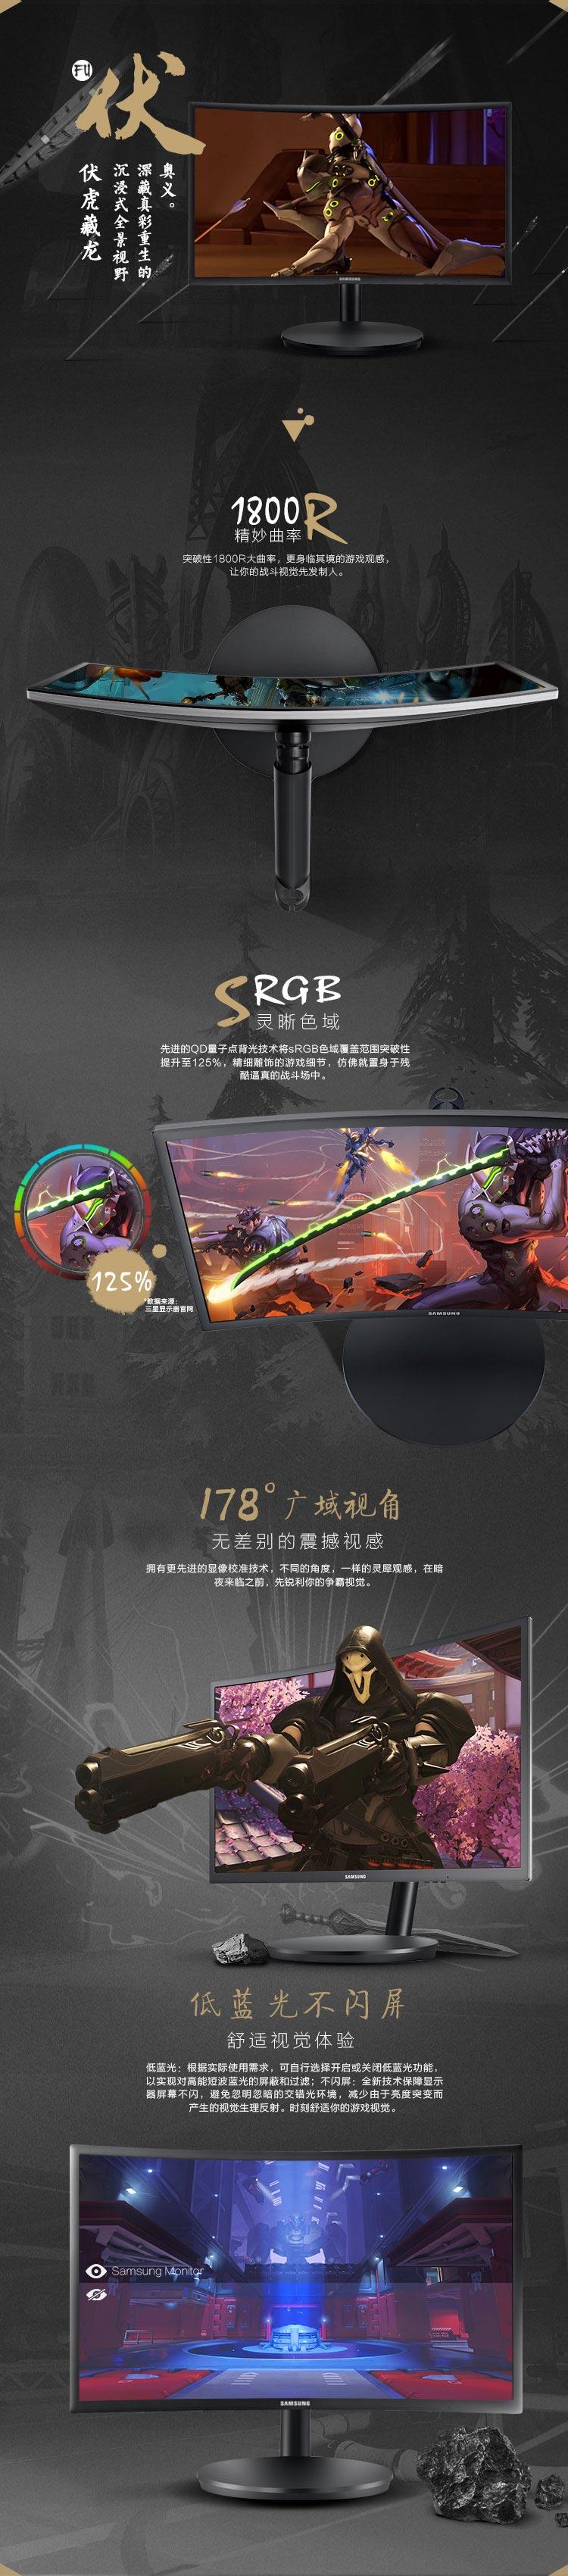 三星(SAMSUNG)C24FG70FQ 23.5英寸LED...-京东